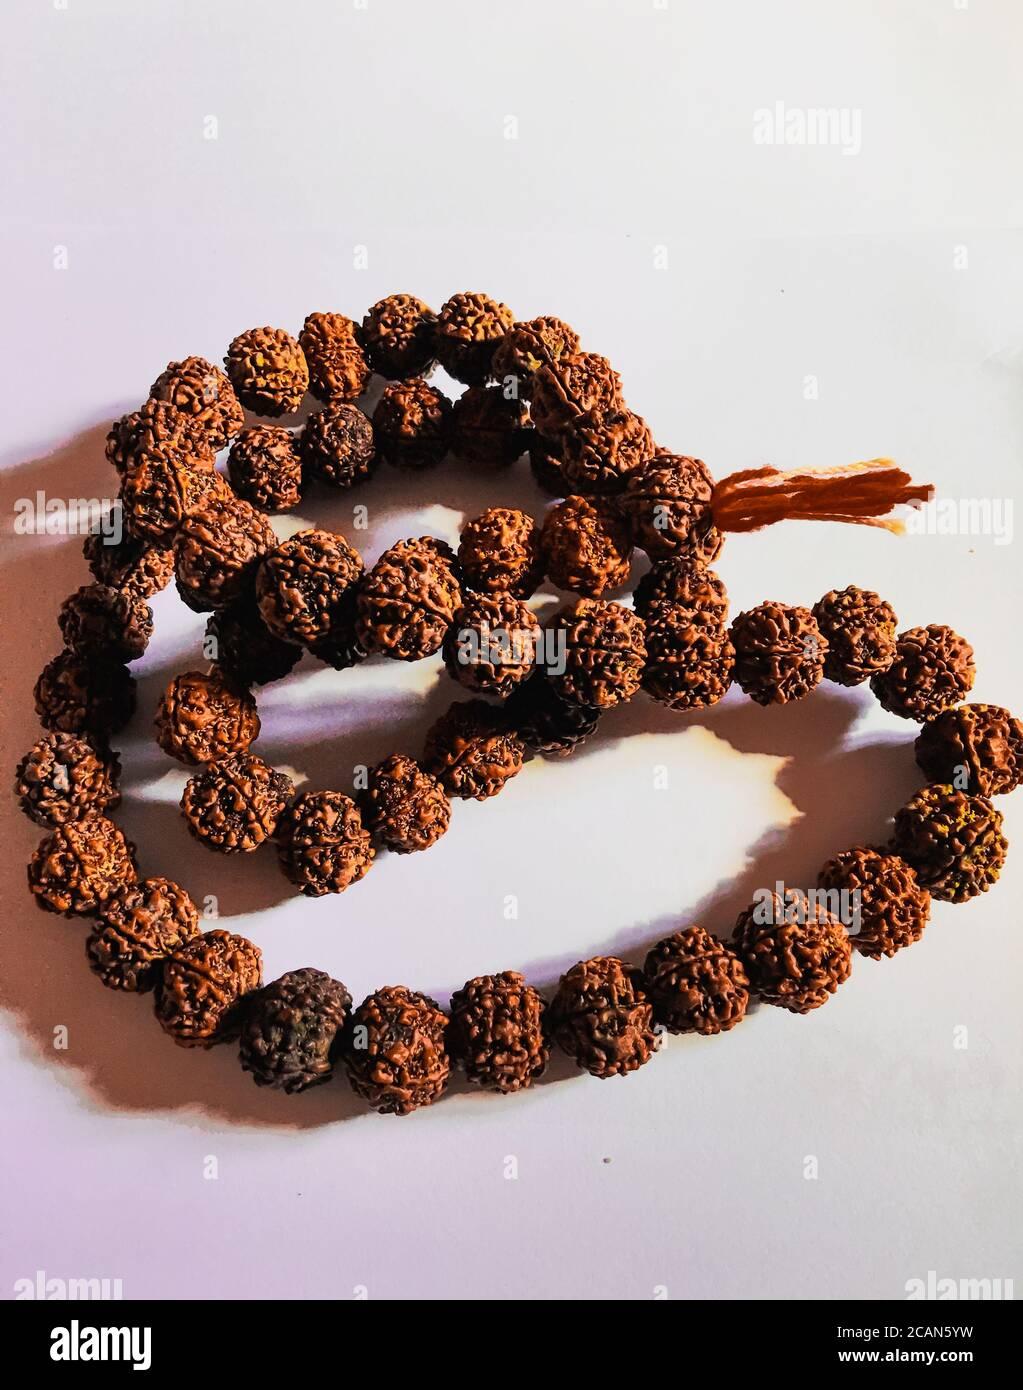 Rudraksha japa Mala ou perles de prière faites à partir des graines de l'arbre de rudraksha sur fond blanc. Banque D'Images